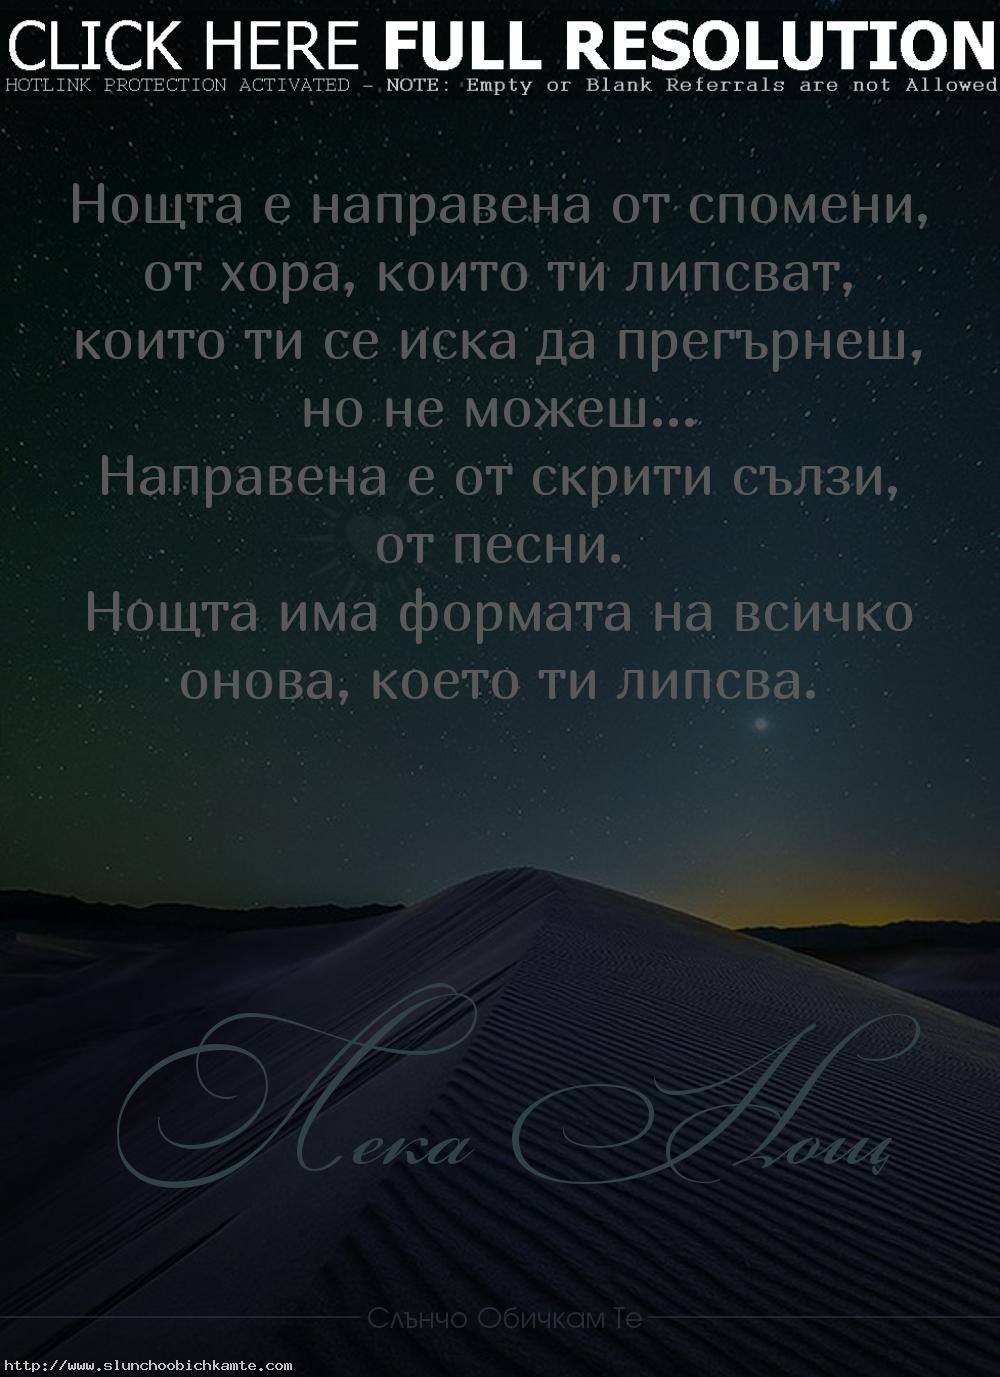 Лека нощ на спомените. Нощта е направена от спомени, от хора, които ти липсват, пожелания за лека нощ, картички за лека нощ, лека нощ приятели, лека нощ липсваш ми